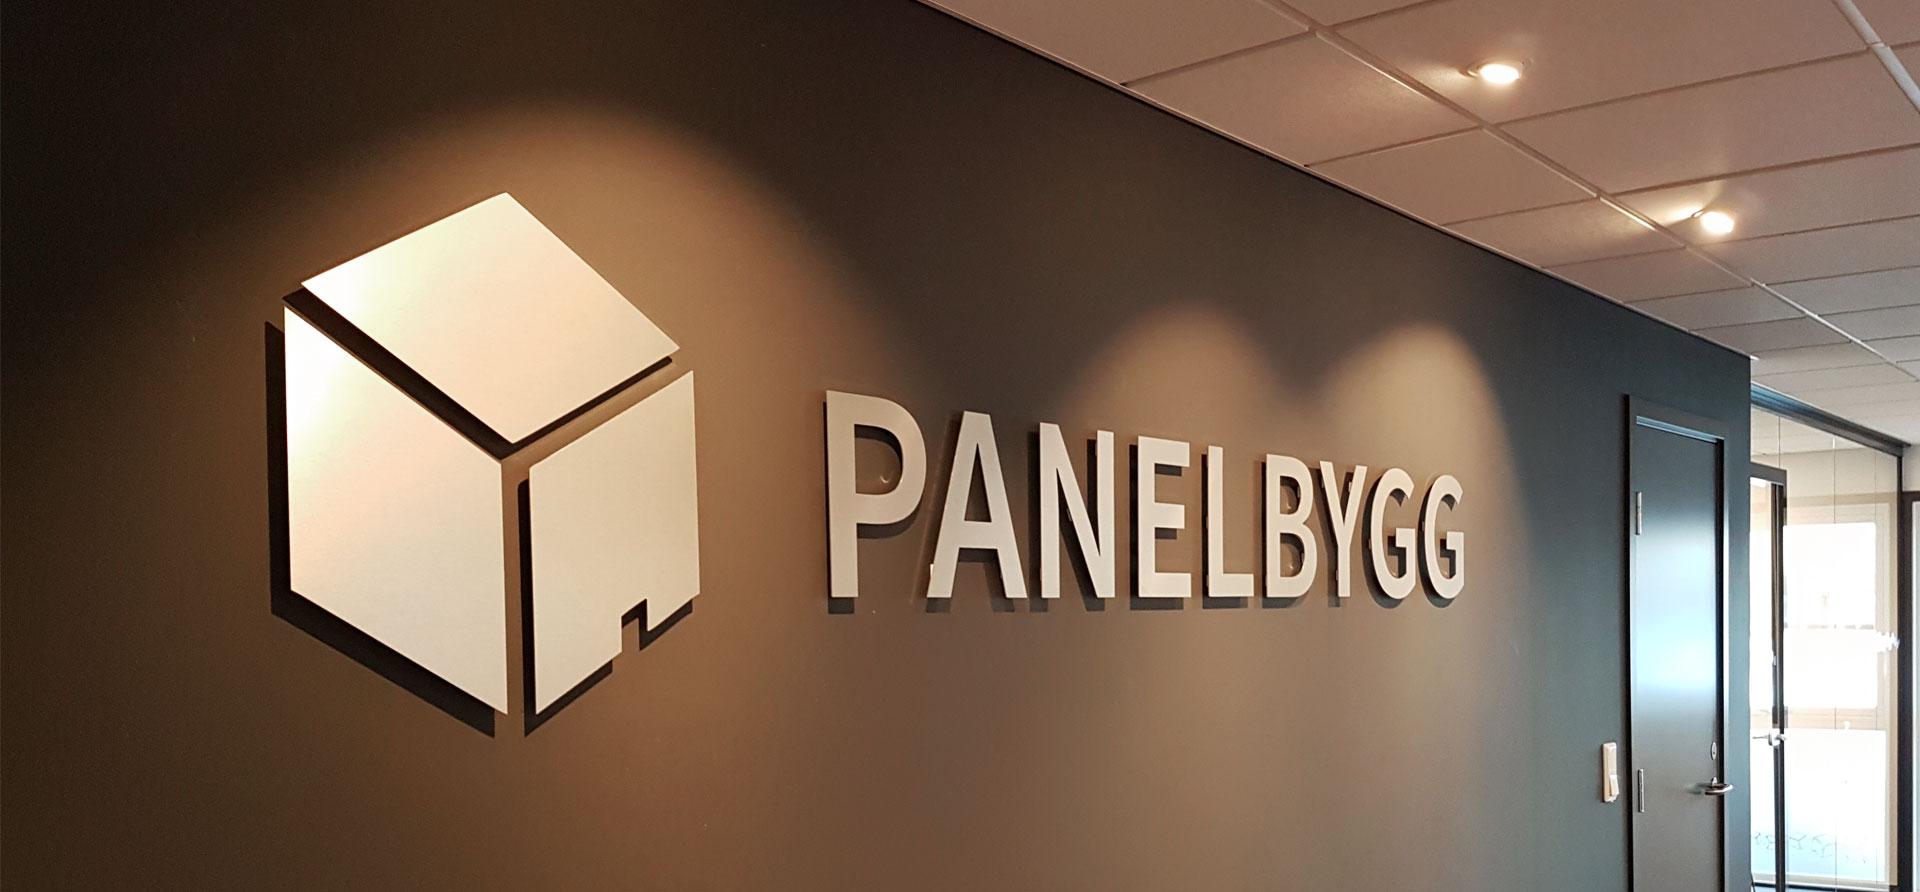 Ide Systemer har laget skilt i Panelbygg sine kontorer